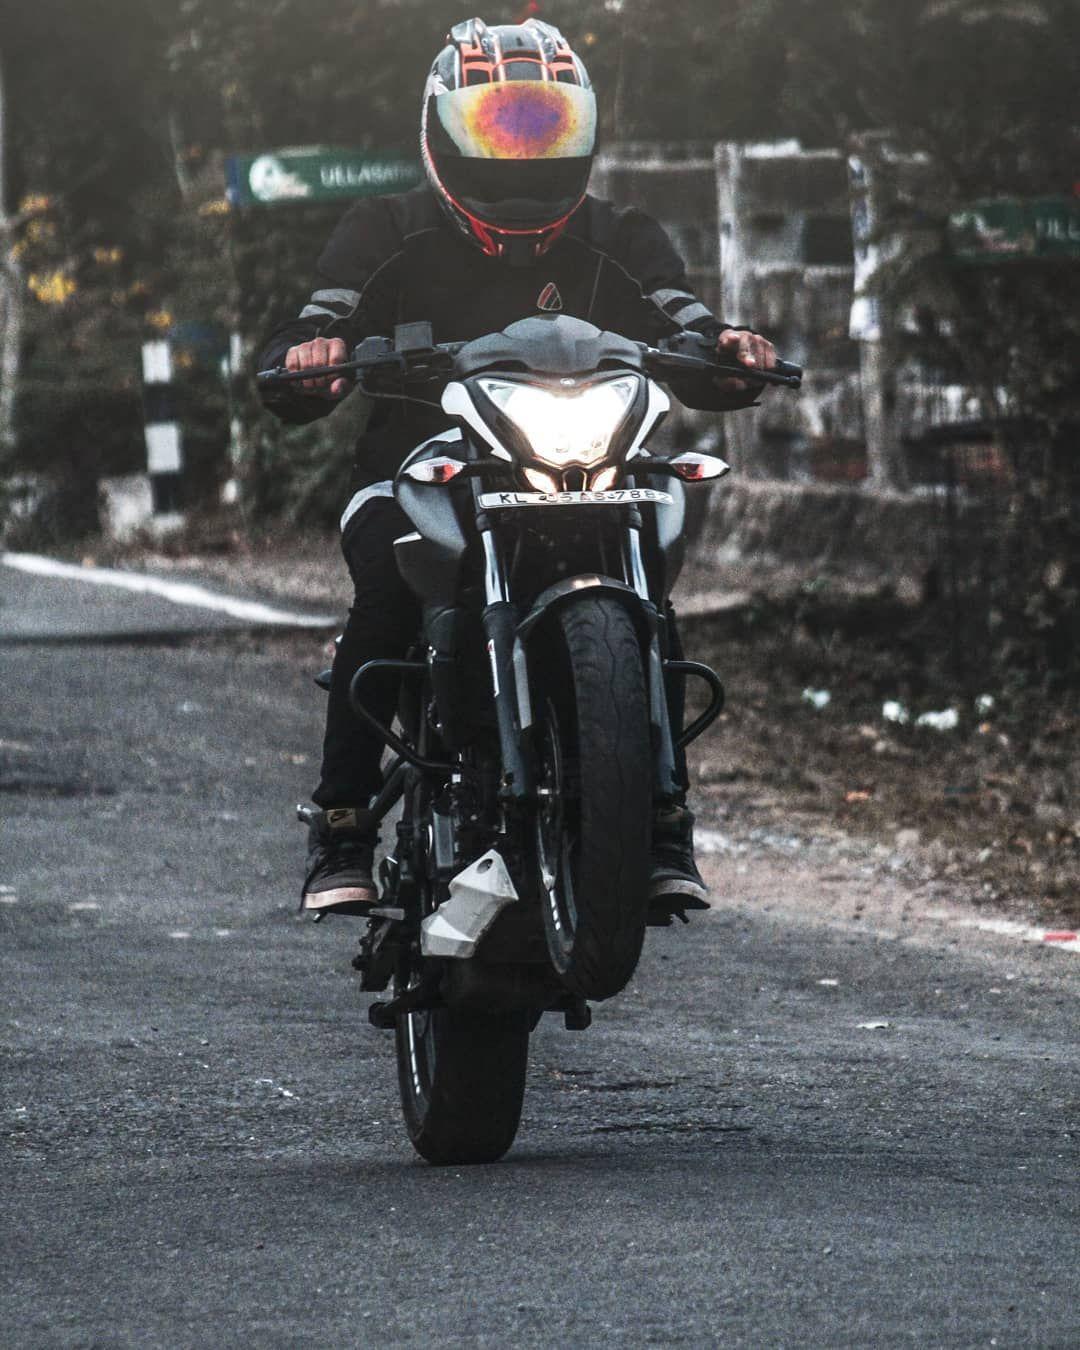 This Is All We Knowwwww Wheelie The Sparkrider Ns200 This Is All We Knowwwww Bike Pic Bike Photoshoot Biker Love